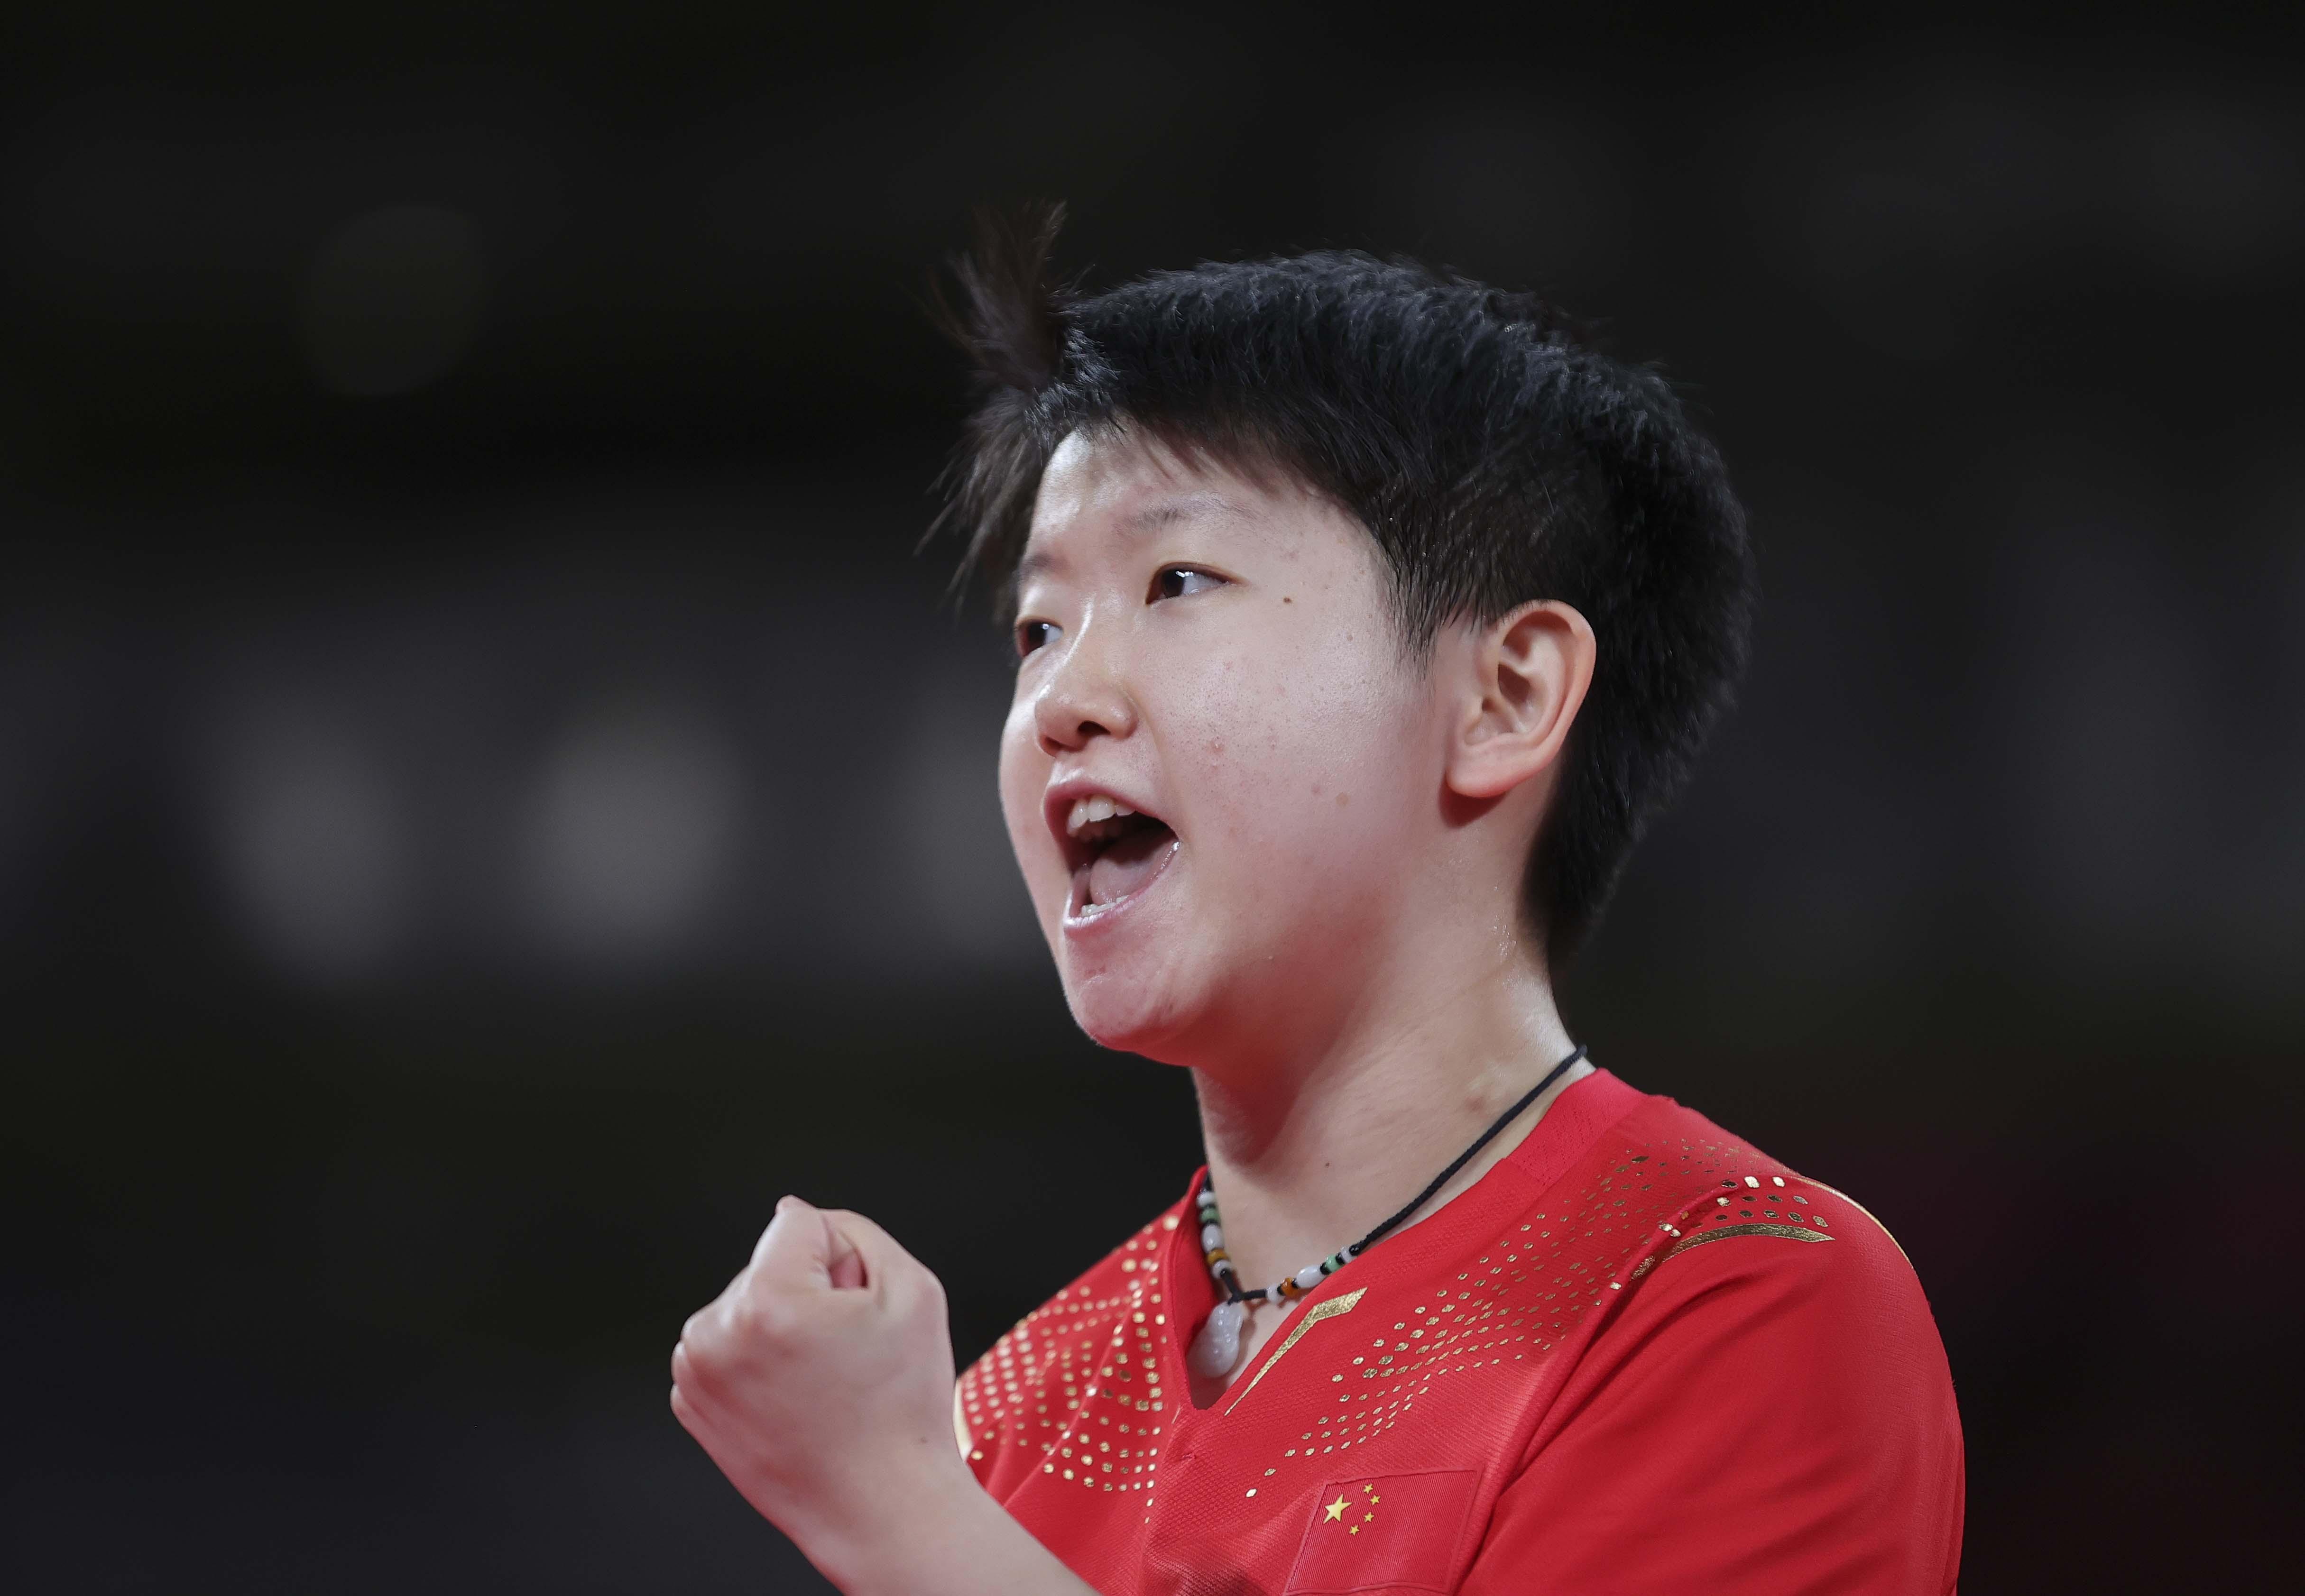 8月5日,中国队选手孙颖莎在比赛中。新华社记者王东震摄